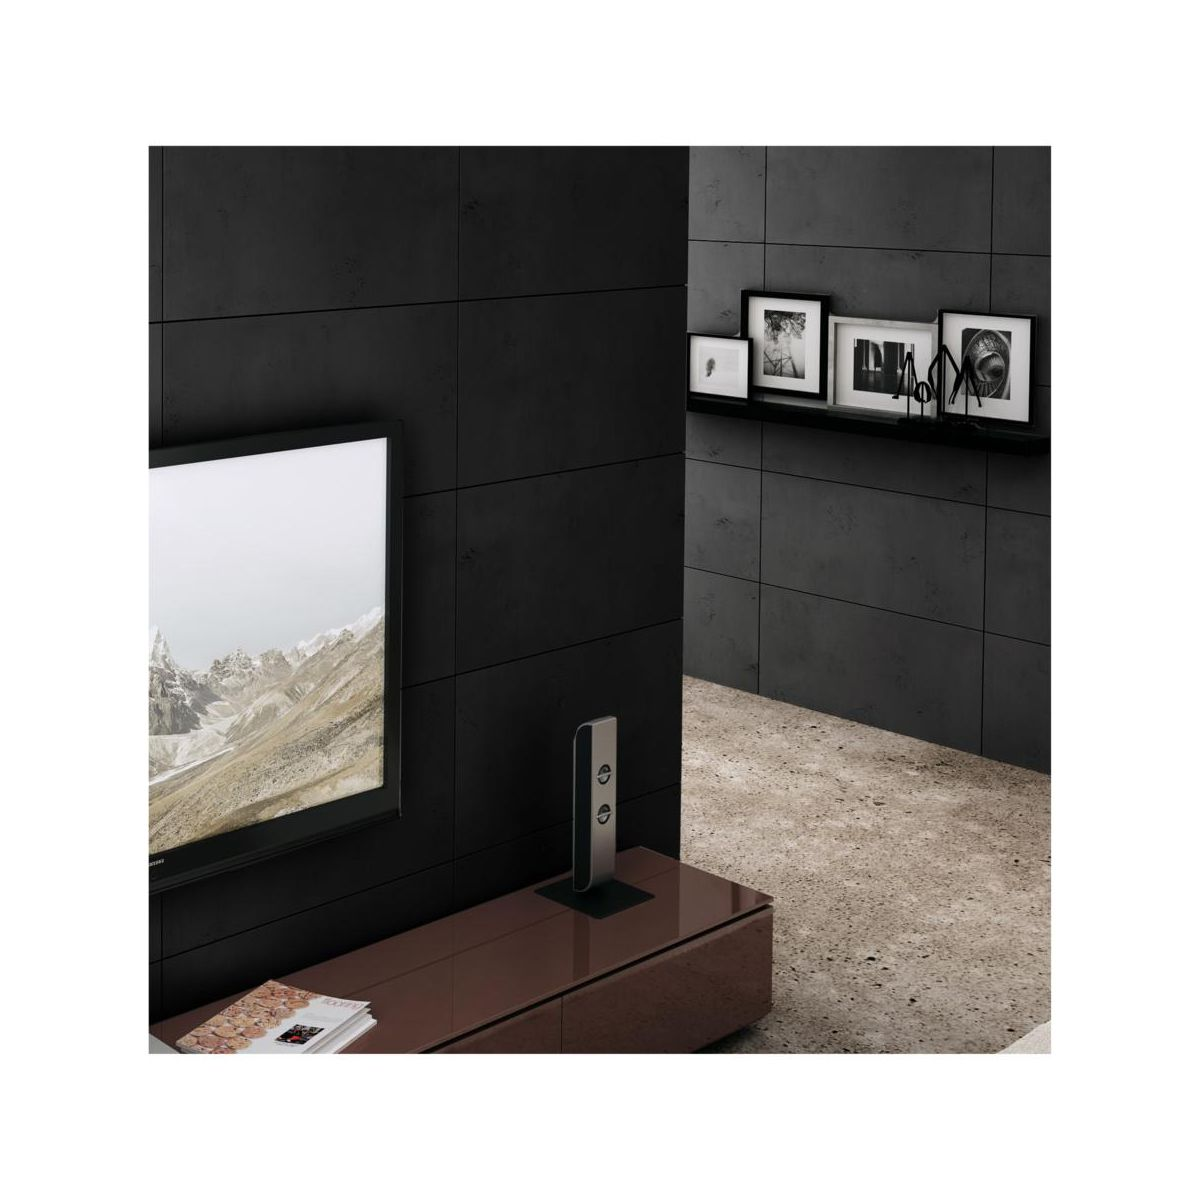 Beton Architektoniczny Czarny 40 X 80 Cm 1 Szt Steinblau Kamien Elewacyjny I Dekoracyjny W Atrakcyjnej Cenie W Sklepach Leroy Merlin